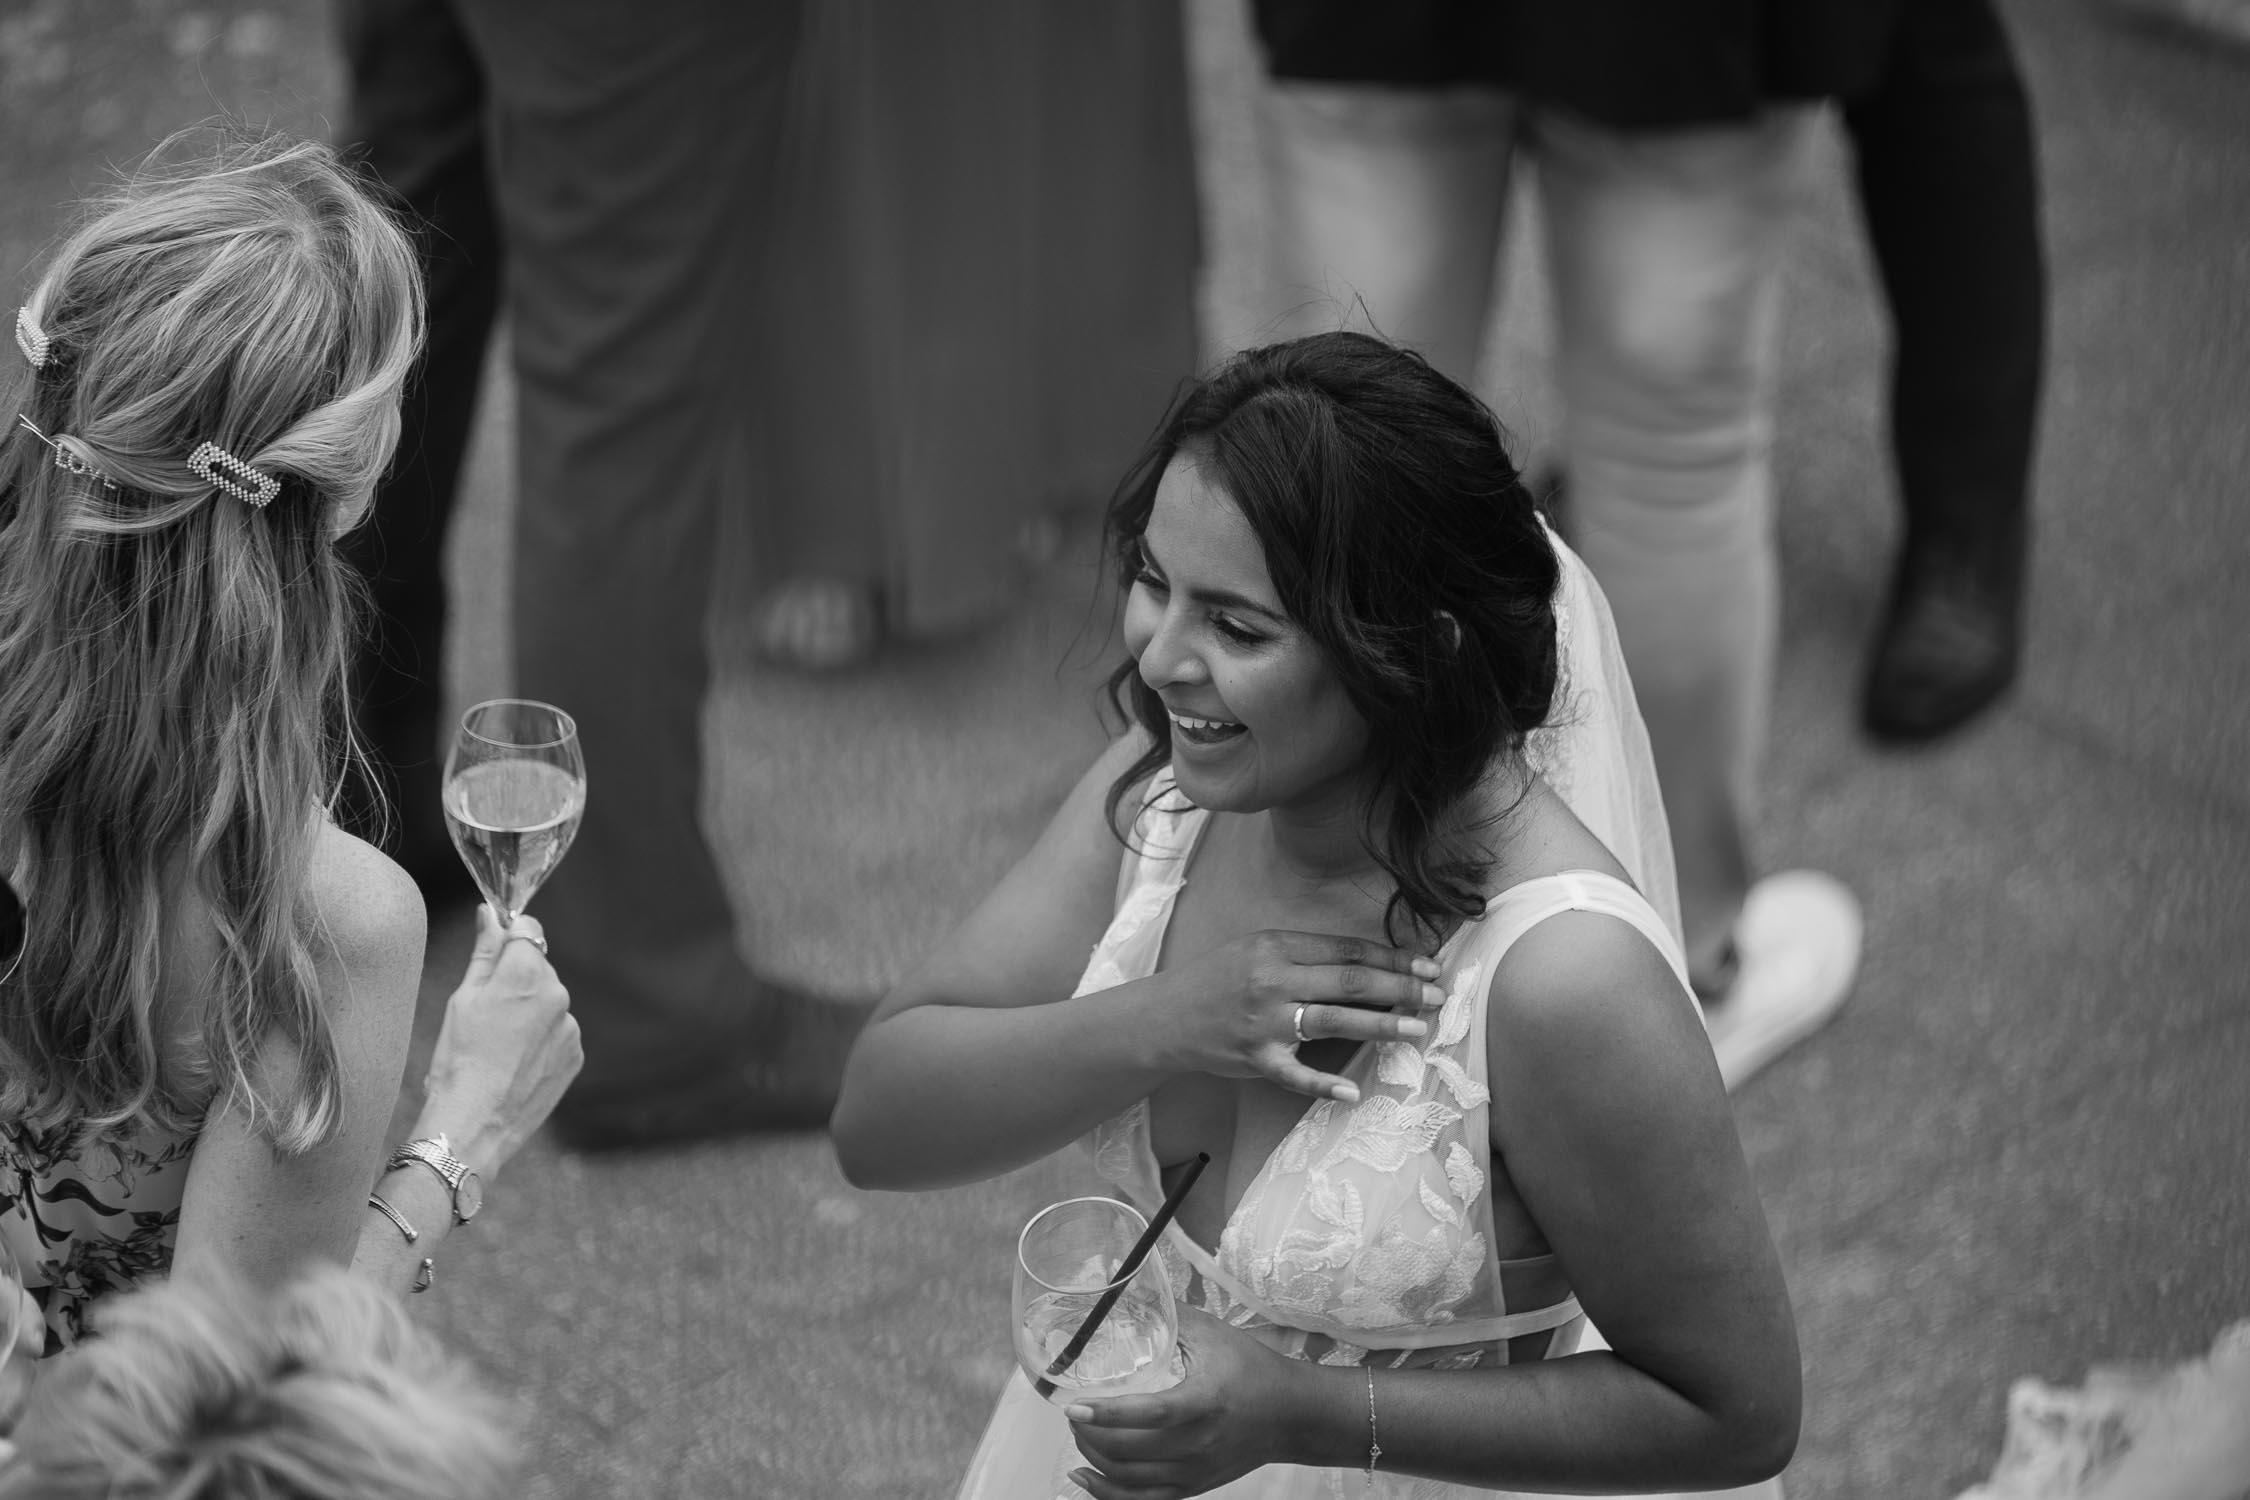 Authentische Hochzeitsfotografie Hochzeitsfotograf Koeln Andre Bastos Fotoggrafie 27 min – gesehen bei frauimmer-herrewig.de